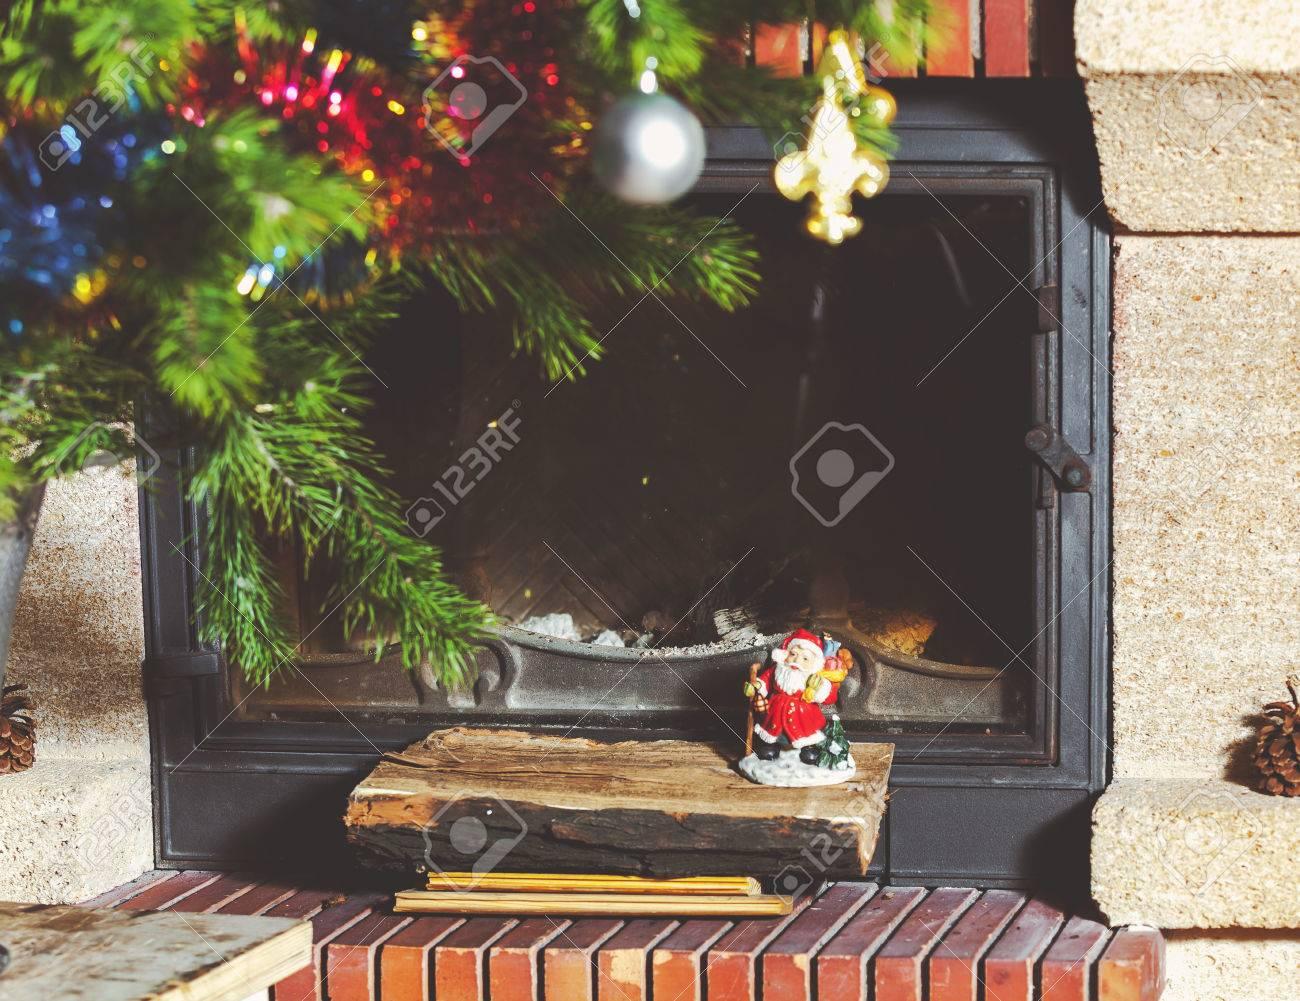 Camino Di Babbo Natale.Bel Camino Moderno Con Porta A Vetri Vicino All Albero Di Natale Ed E Troppo Pigro Per Capire Babbo Natale